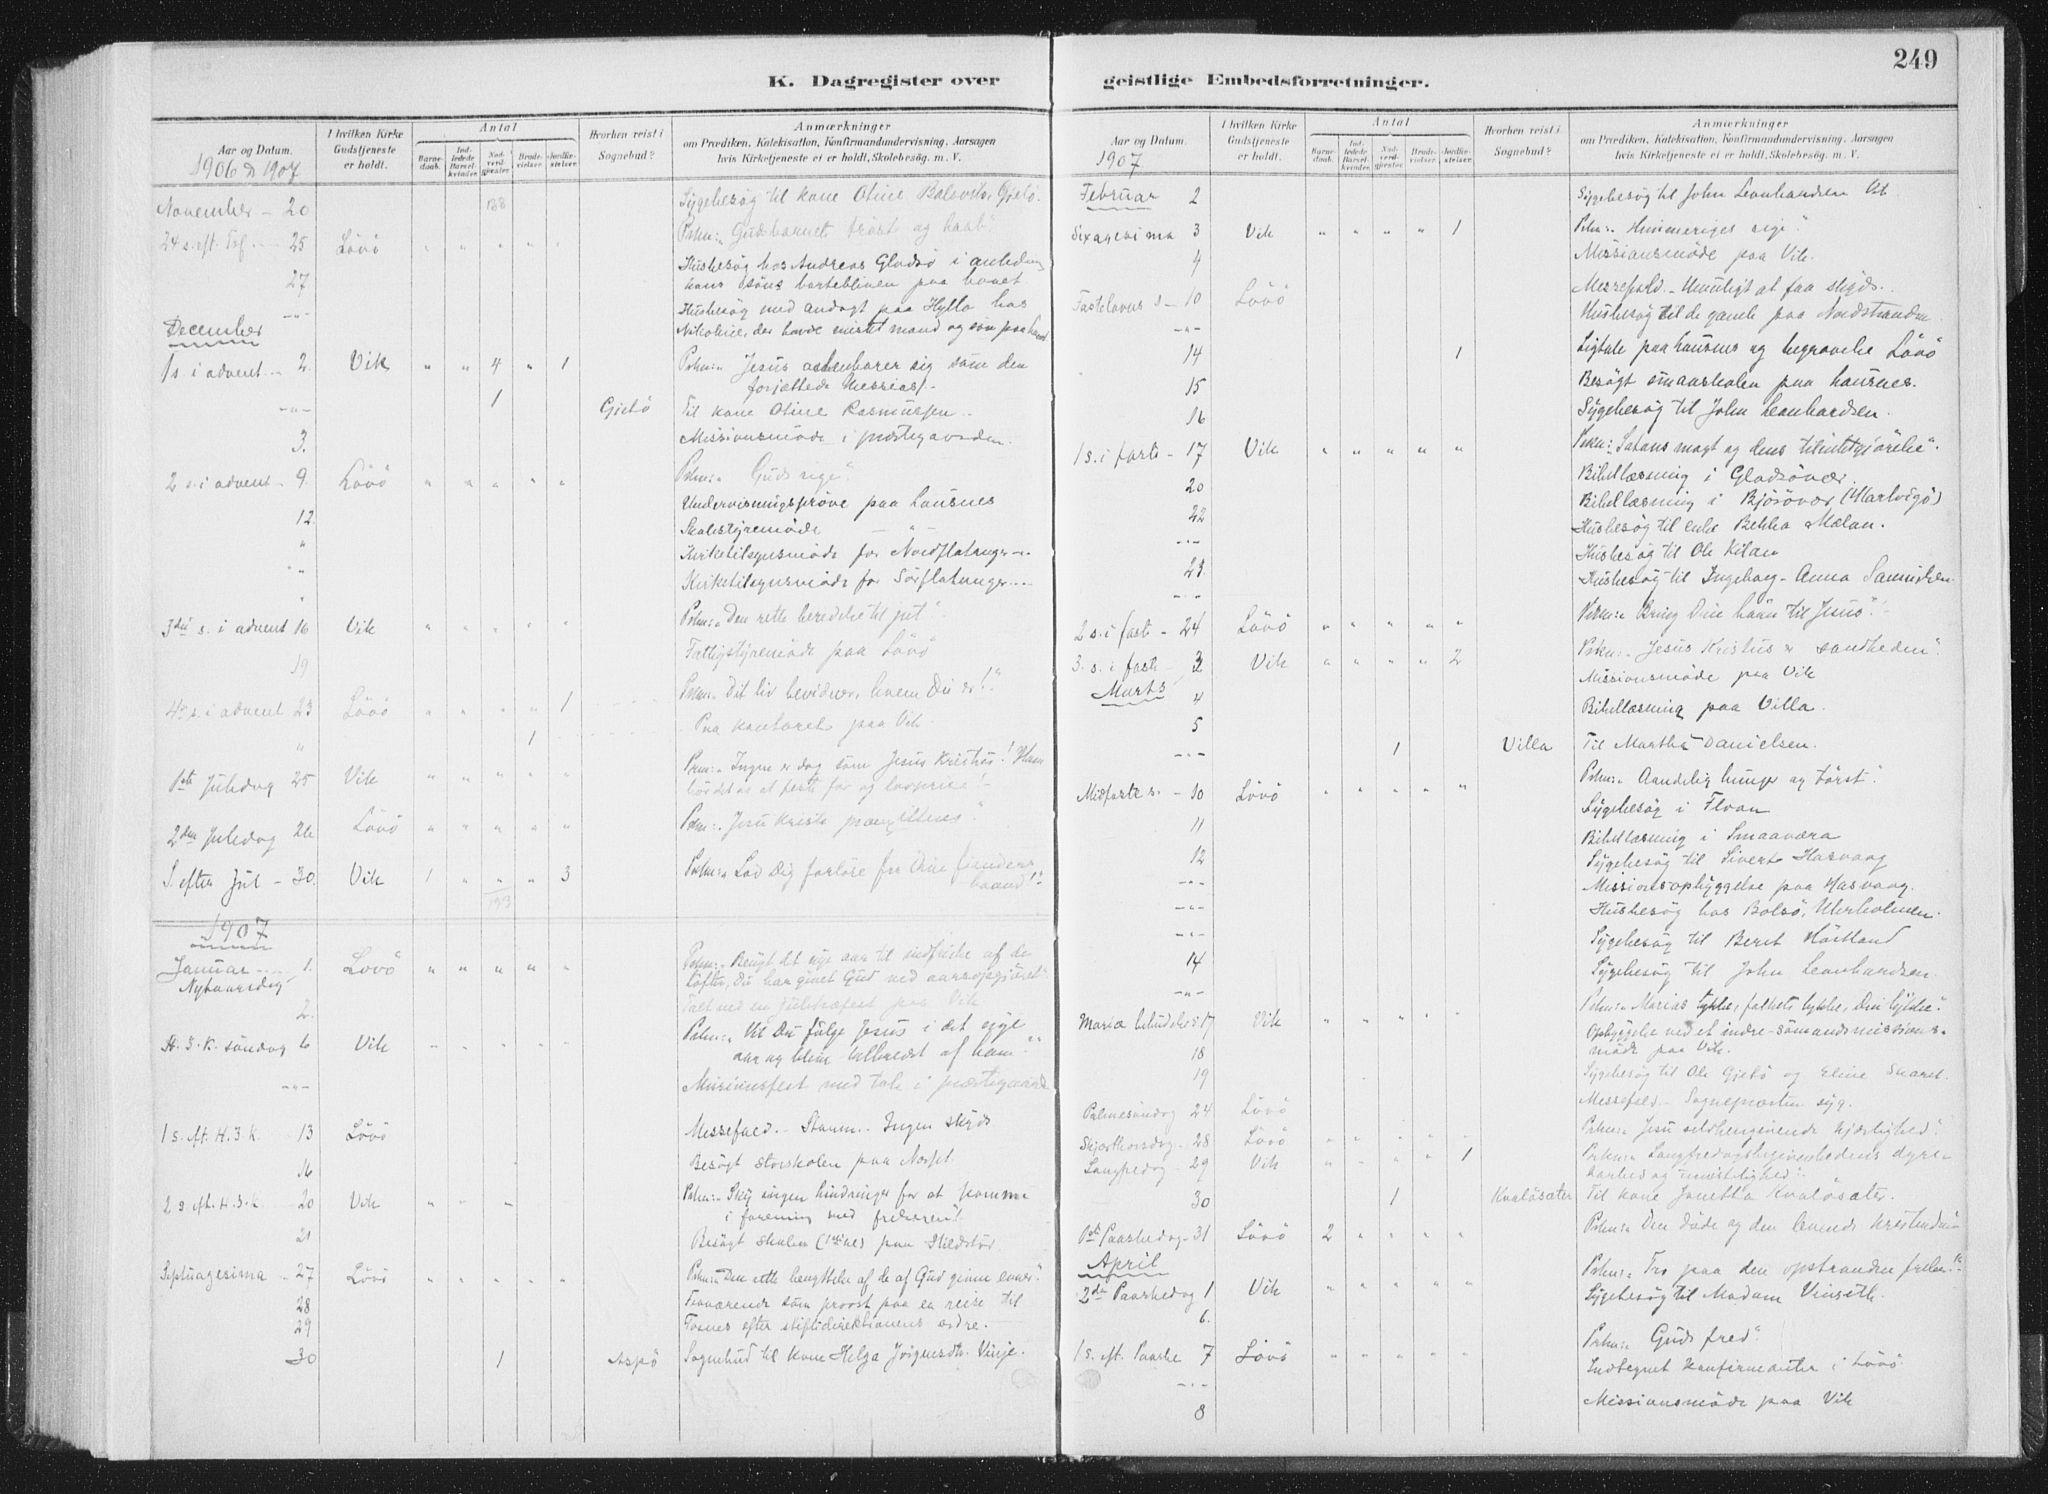 SAT, Ministerialprotokoller, klokkerbøker og fødselsregistre - Nord-Trøndelag, 771/L0597: Ministerialbok nr. 771A04, 1885-1910, s. 249